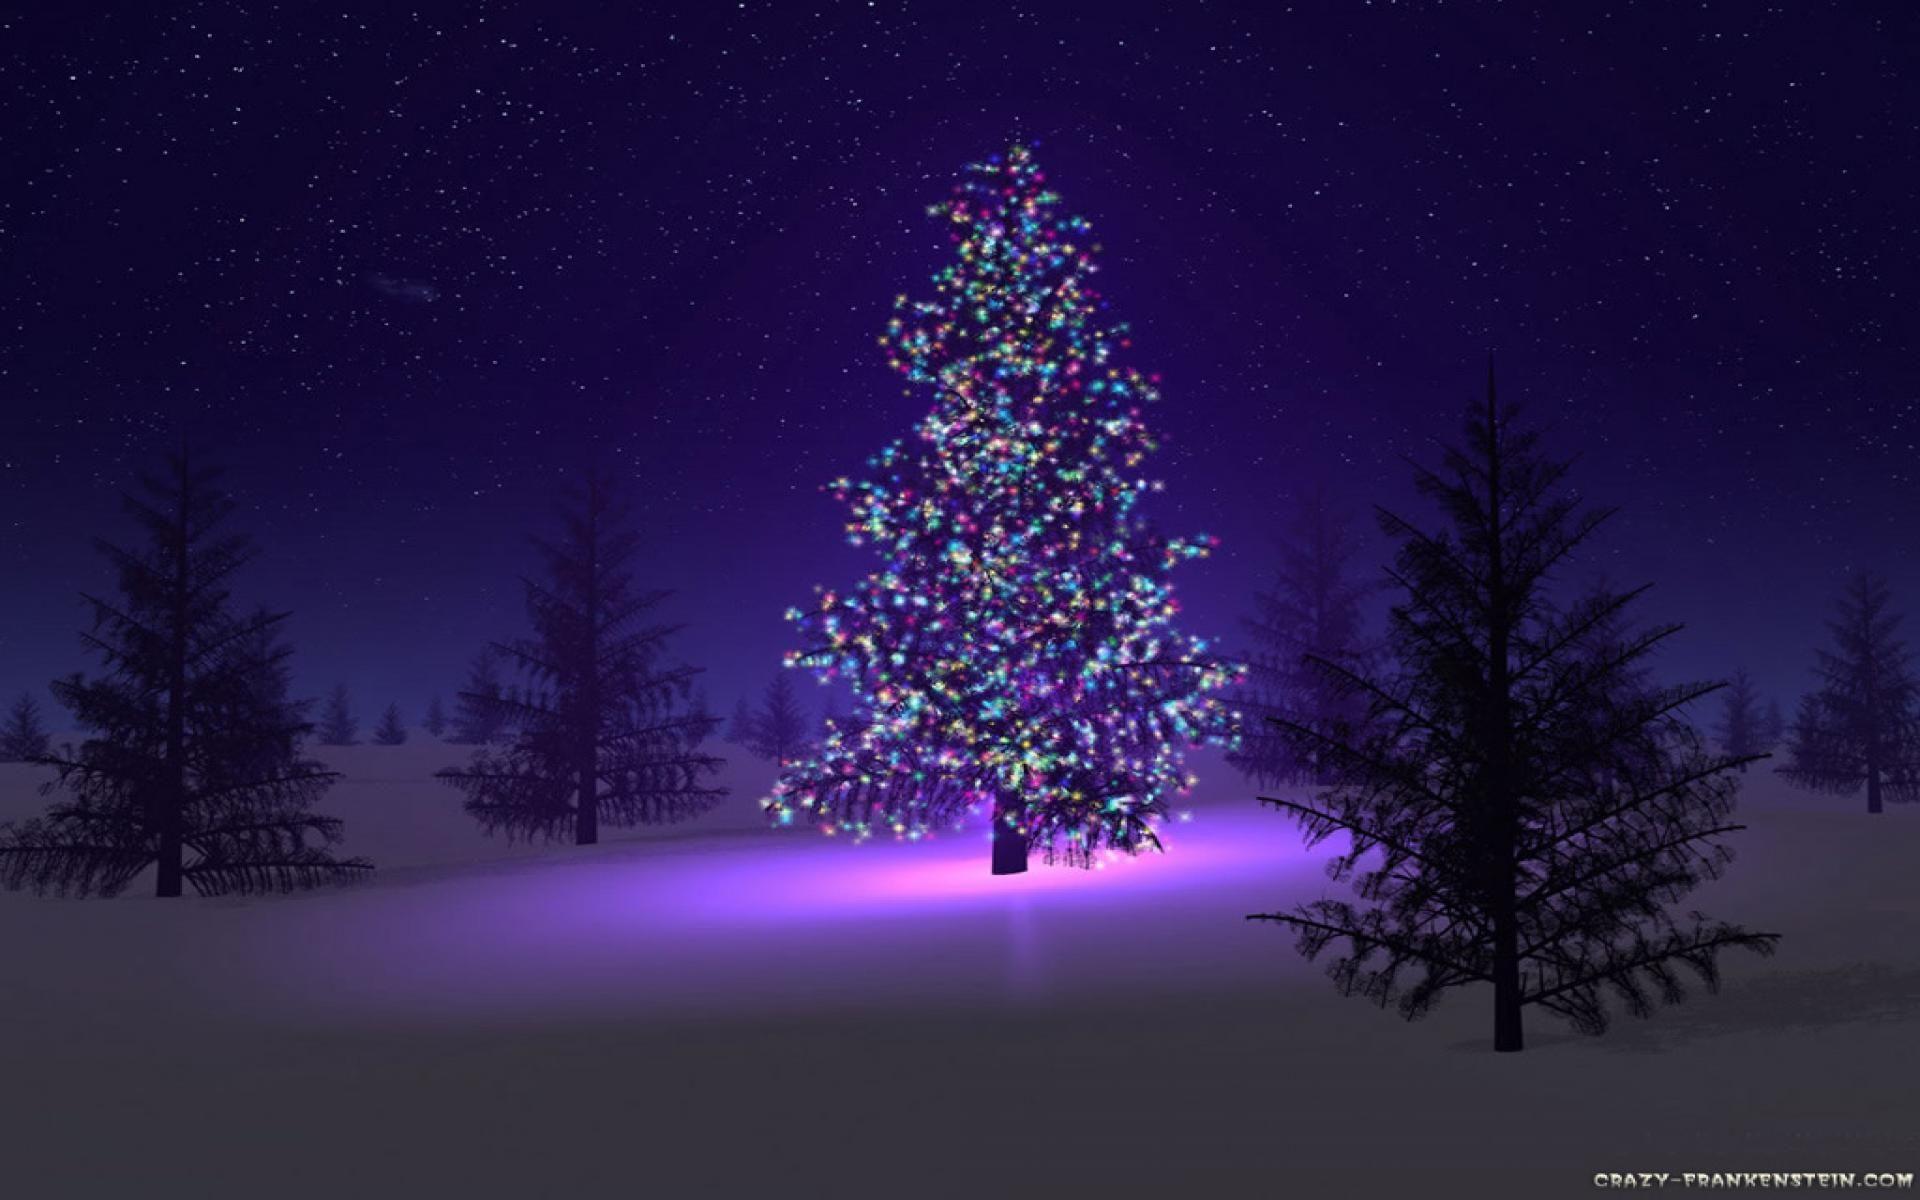 Christmas Wallpaper Photos Collection Wallpaper Wallpapers Iphonewallpaper Iphonewallpap Christmas Tree Wallpaper Purple Christmas Tree Christmas In Heaven